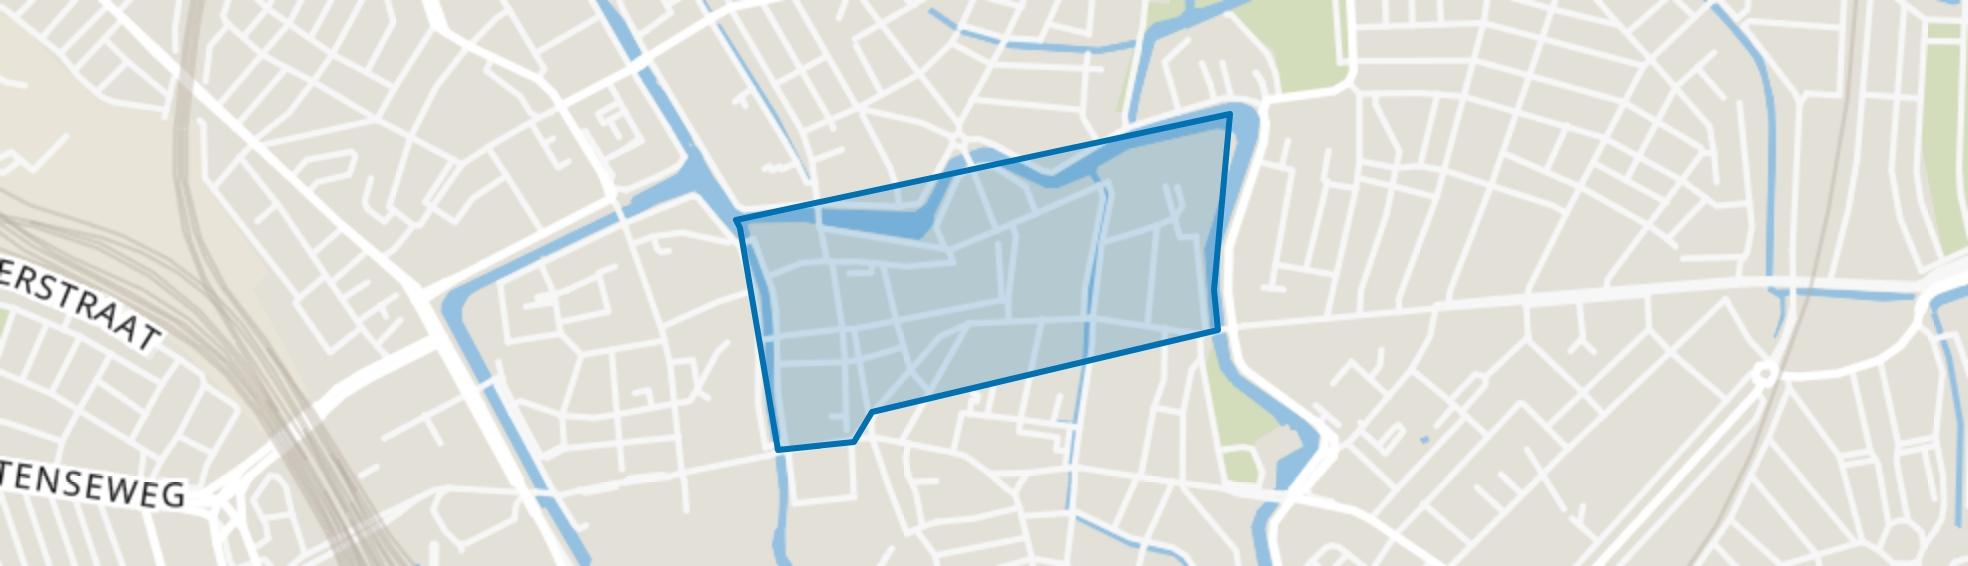 Breedstraat en Plompetorengracht en omgeving, Utrecht map